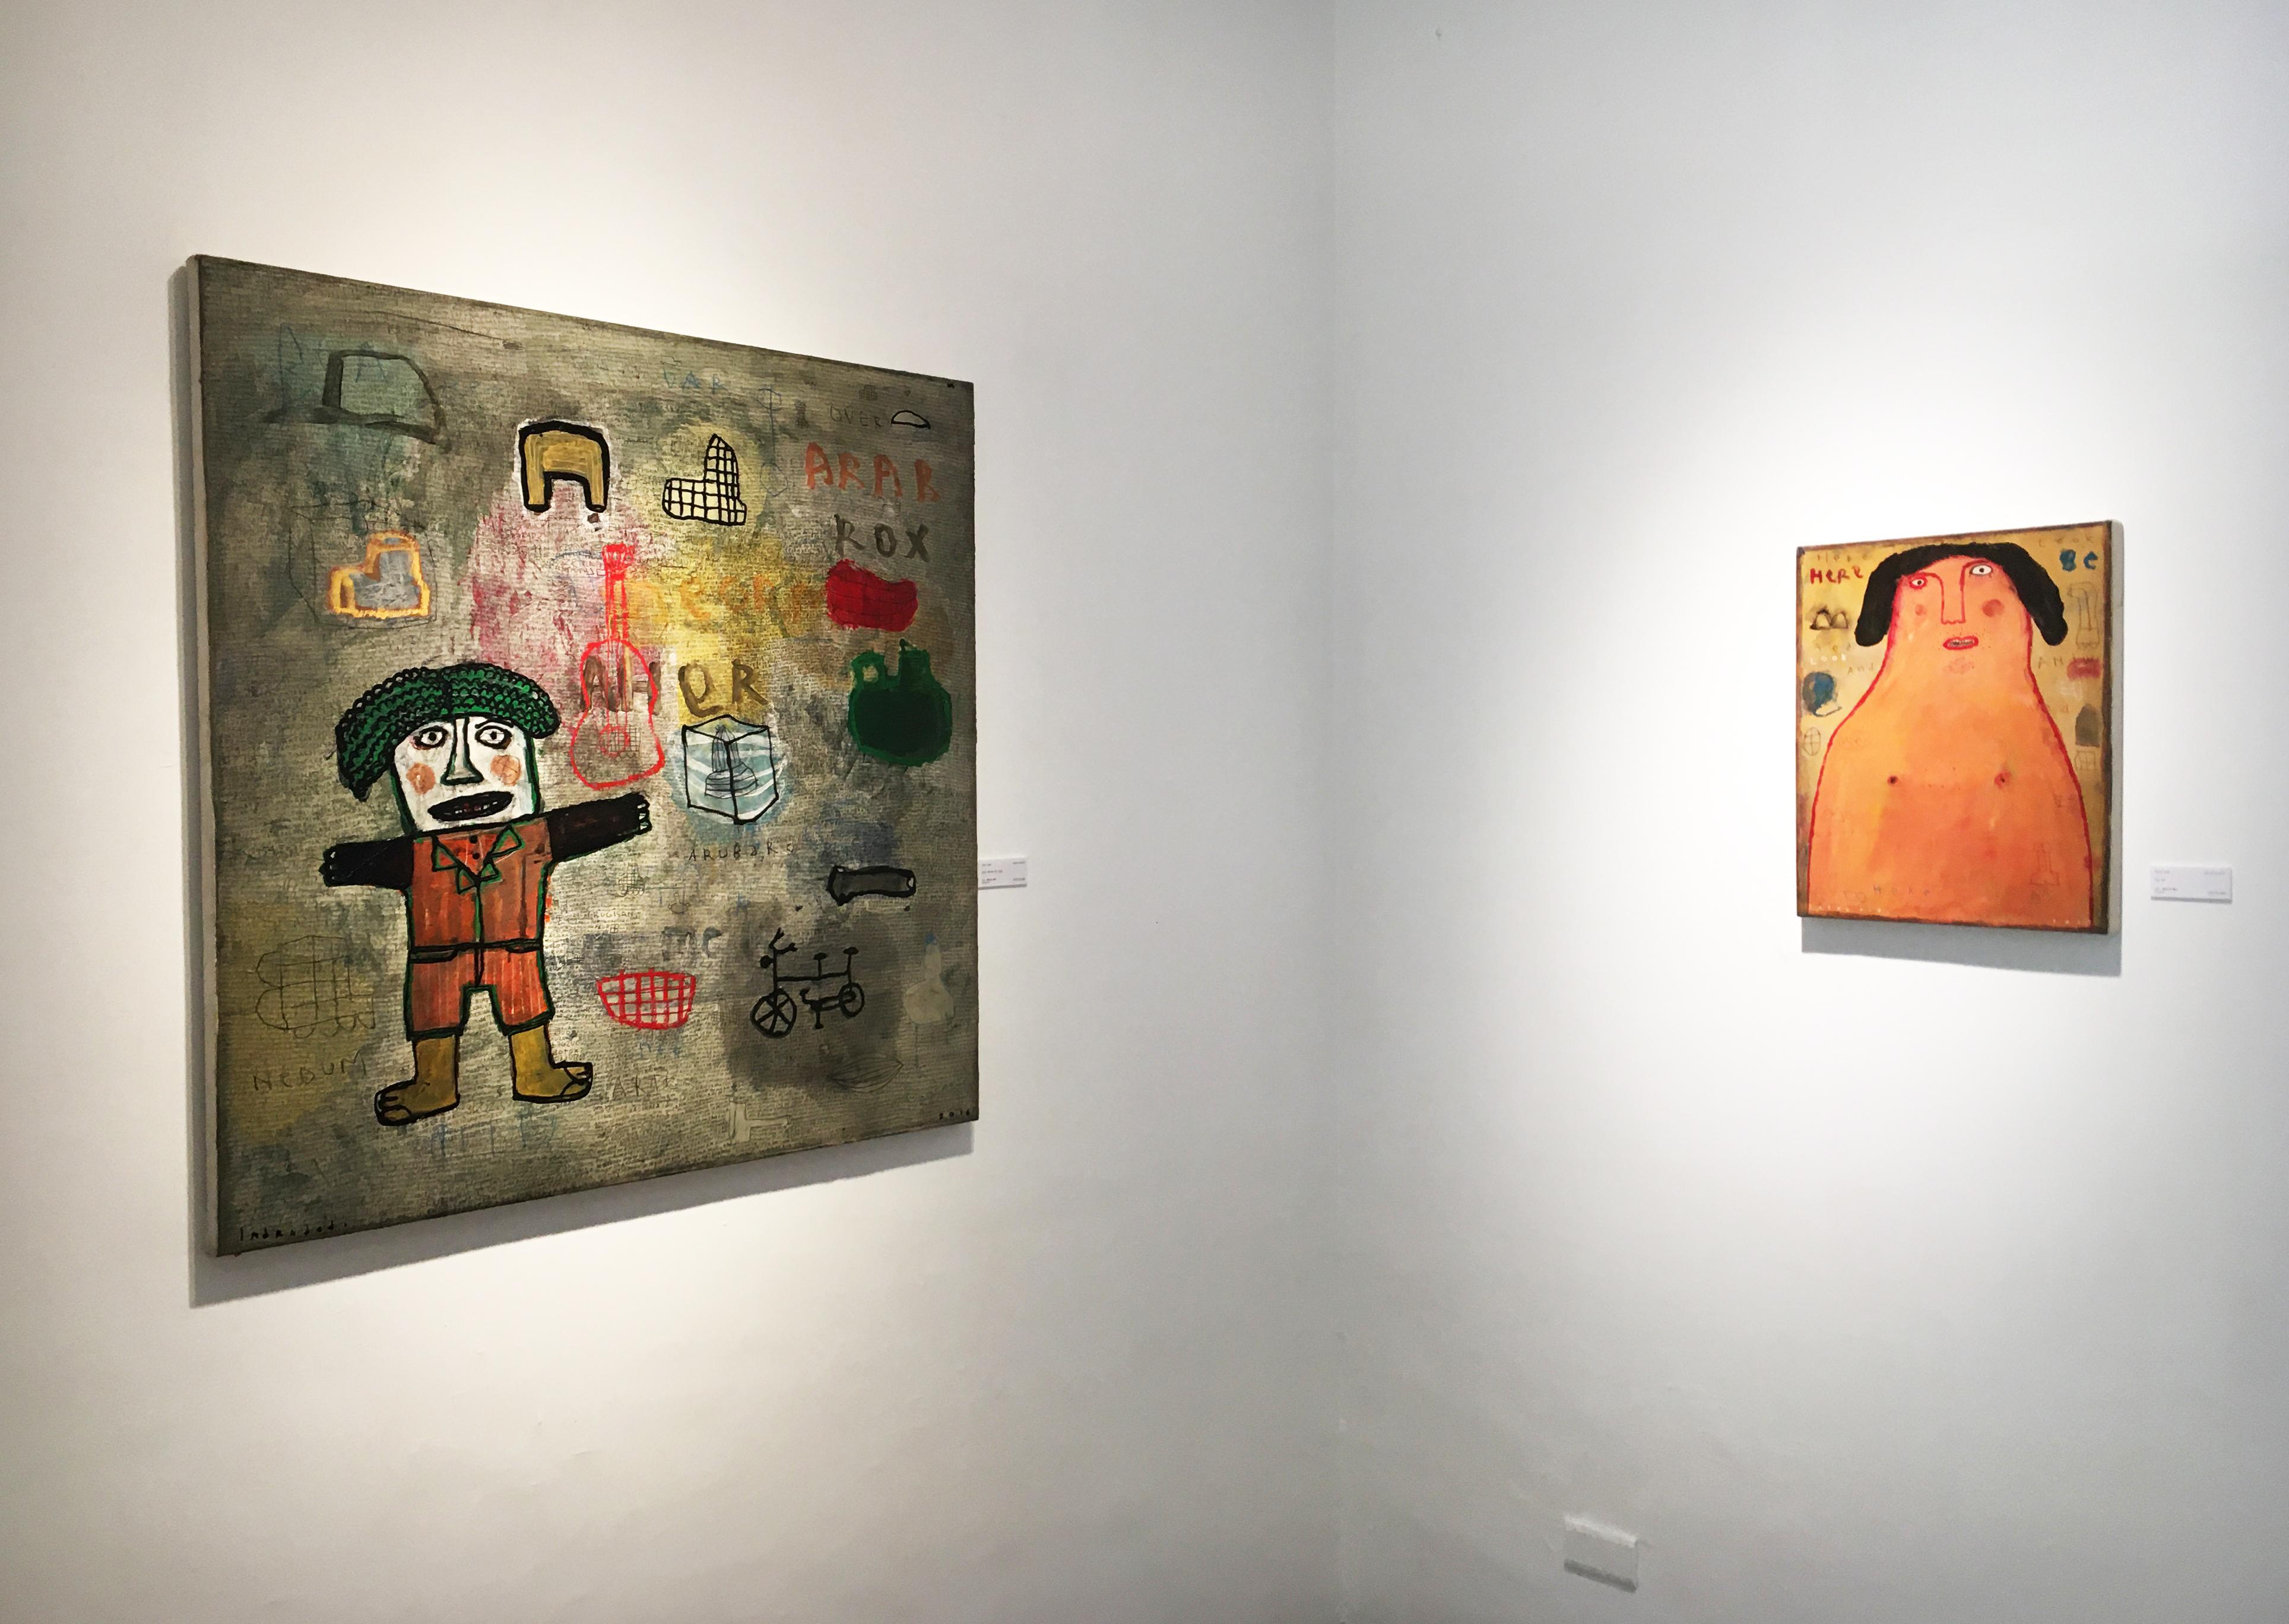 雅藝藝術中心展出藝術家Indra Dodi作品。